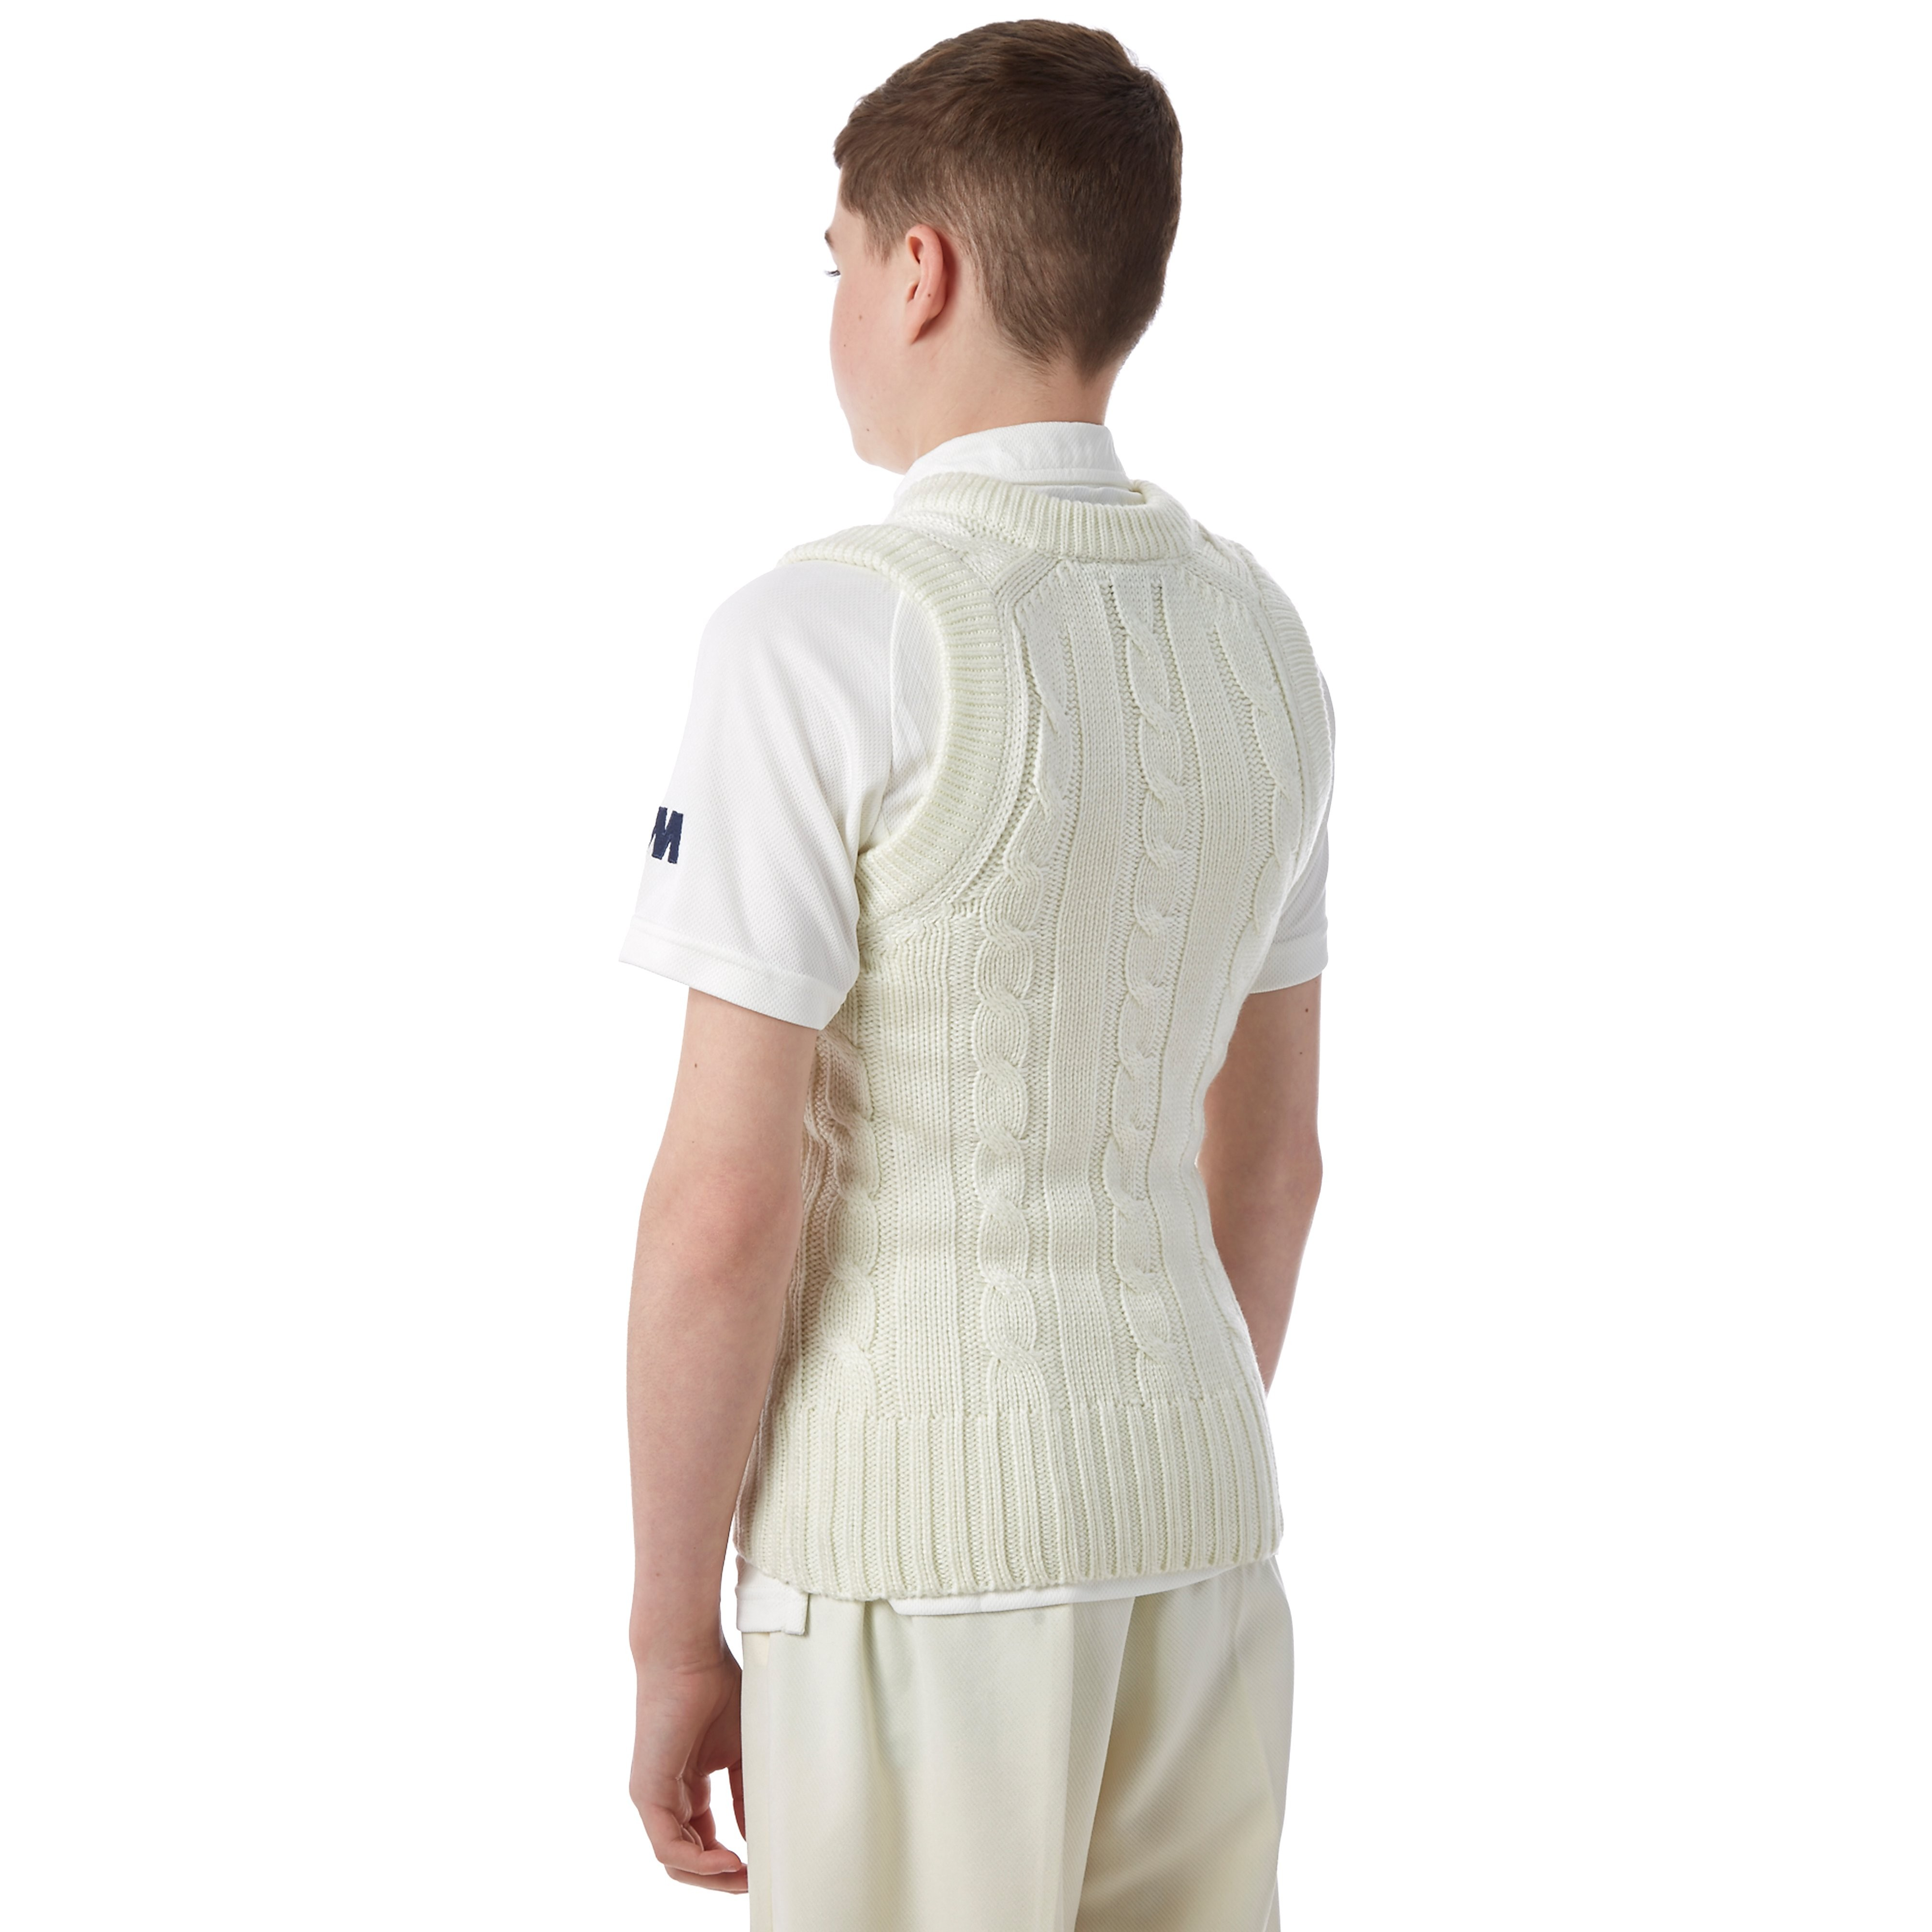 Gunn & Moore Plain Sleeveless Slipover Junior Cricket Top